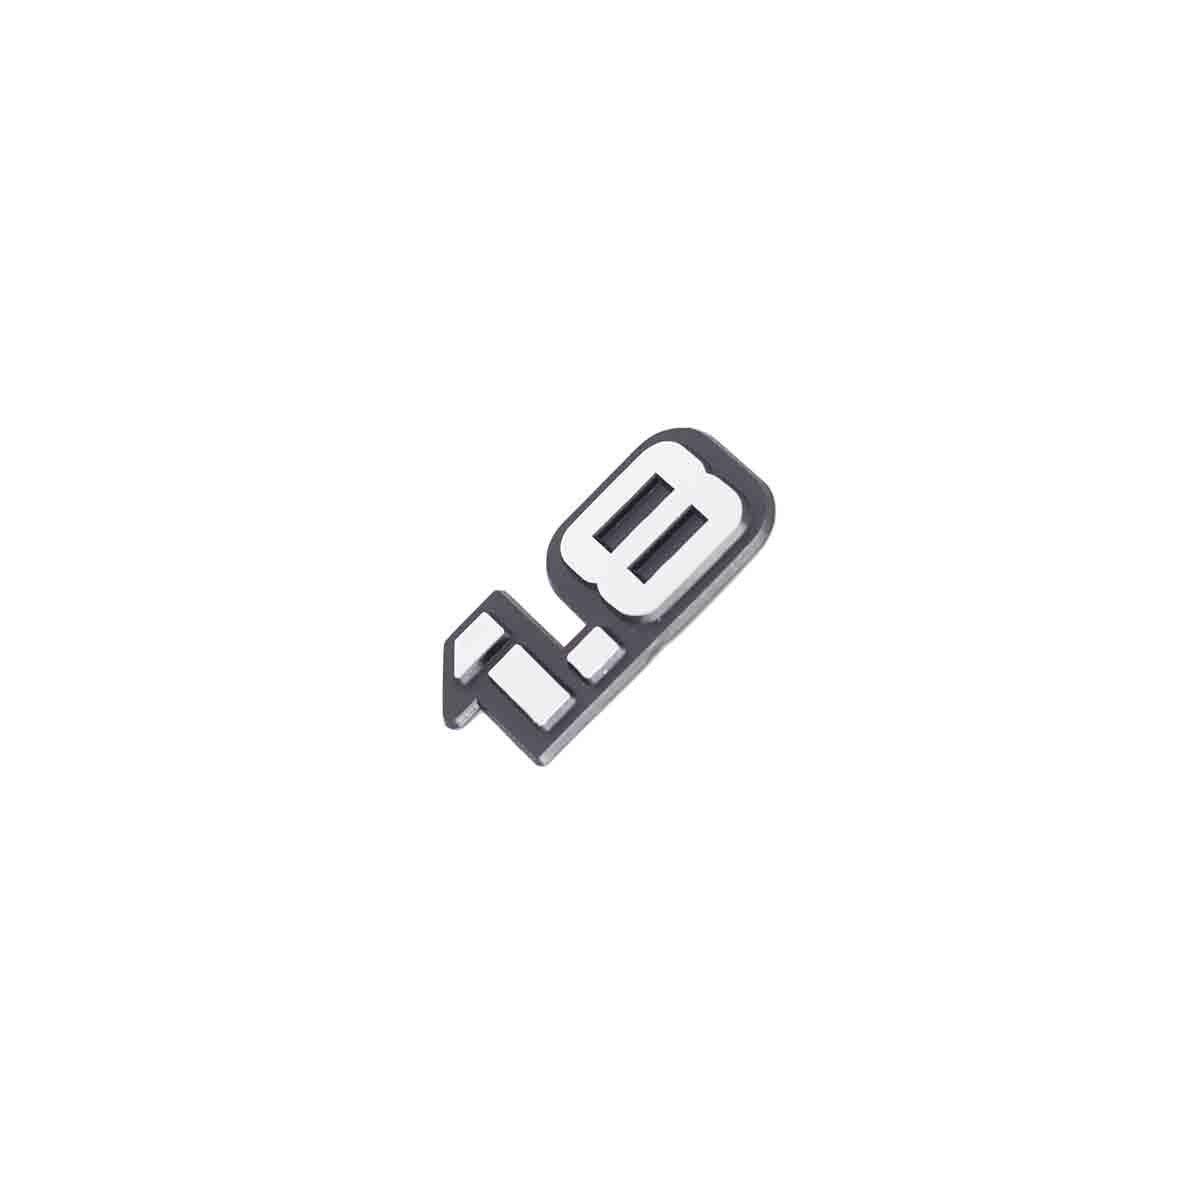 Emblema 1.8 Del Rey/Corcel/Pampa/Escort